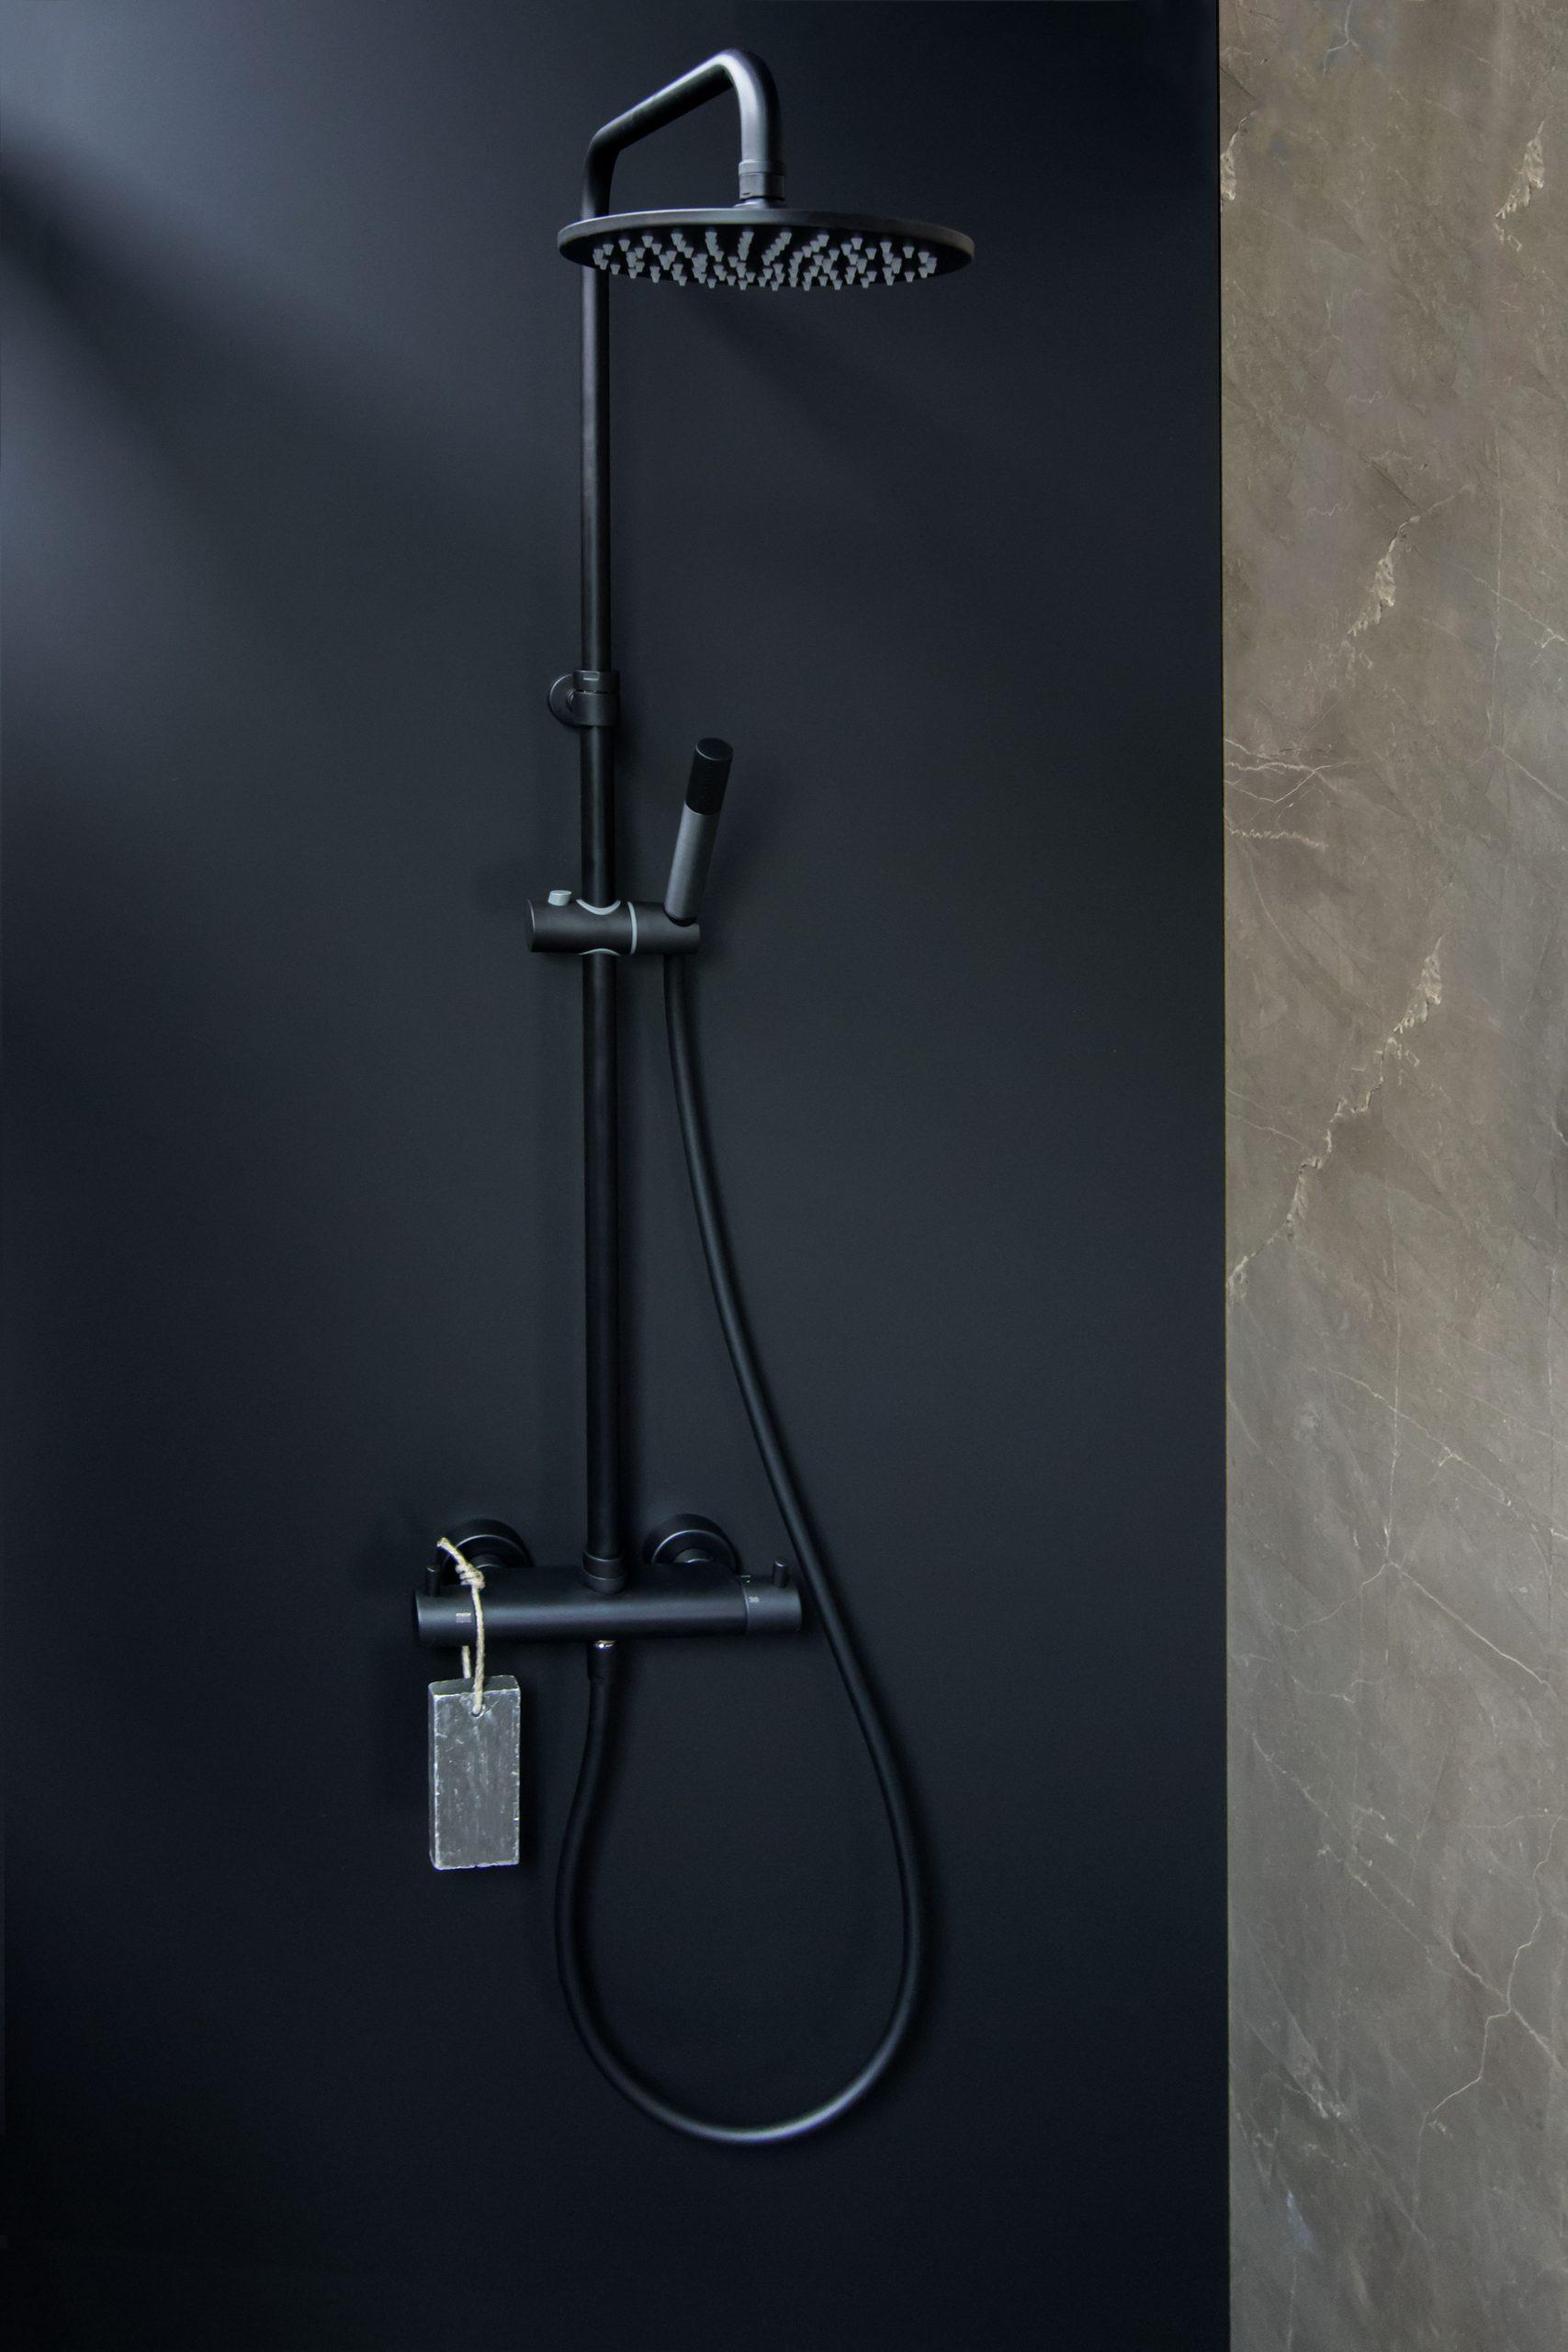 Mijn-bad-in-stijl-tip4-zwarte-details-douche-badkamer